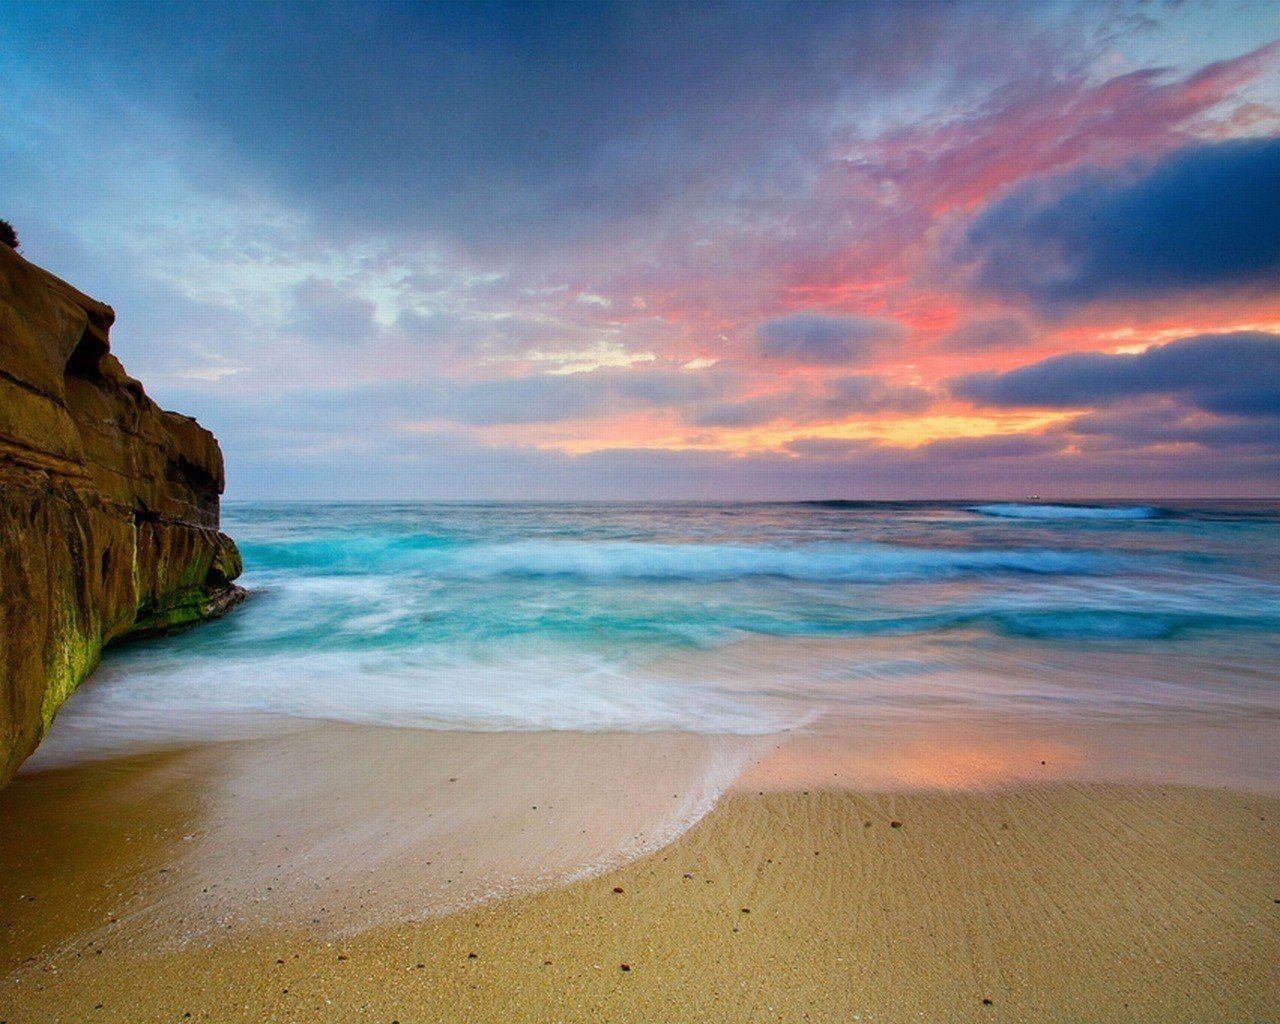 43] Beach and Ocean Wallpaper on WallpaperSafari 1280x1024